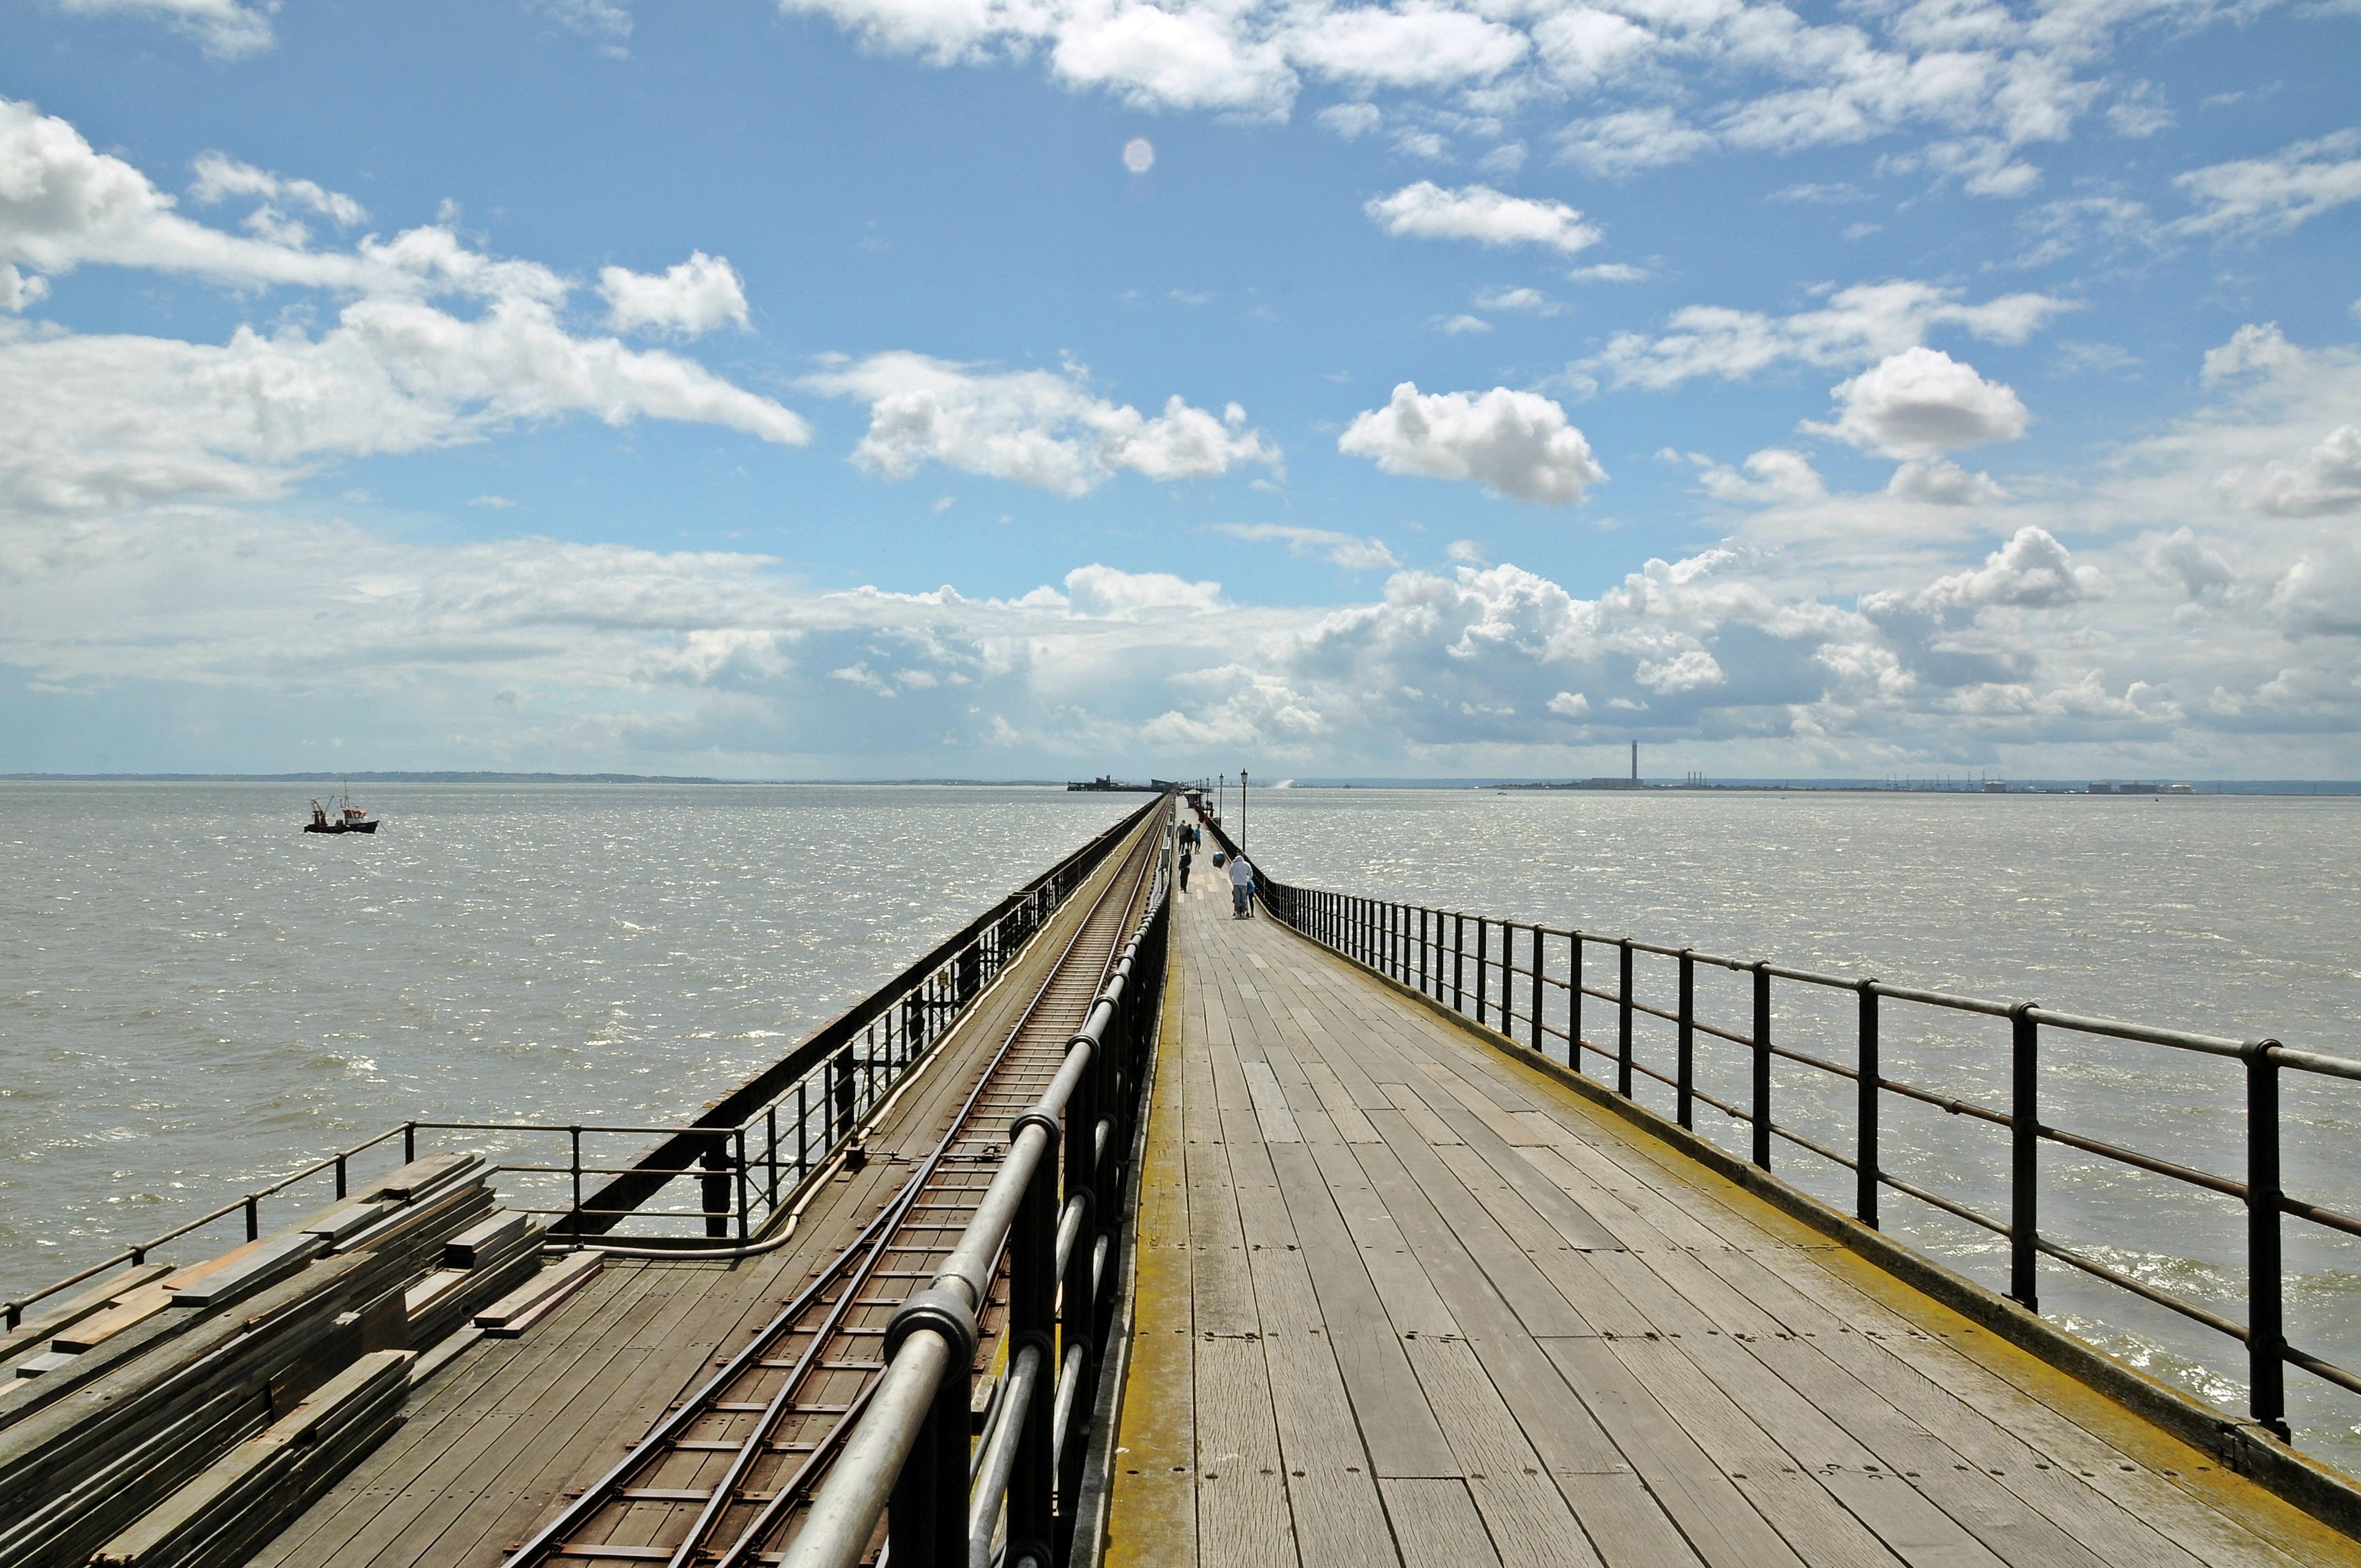 File:High Street, Southend-on-Sea, England.JPG - Wikimedia Commons